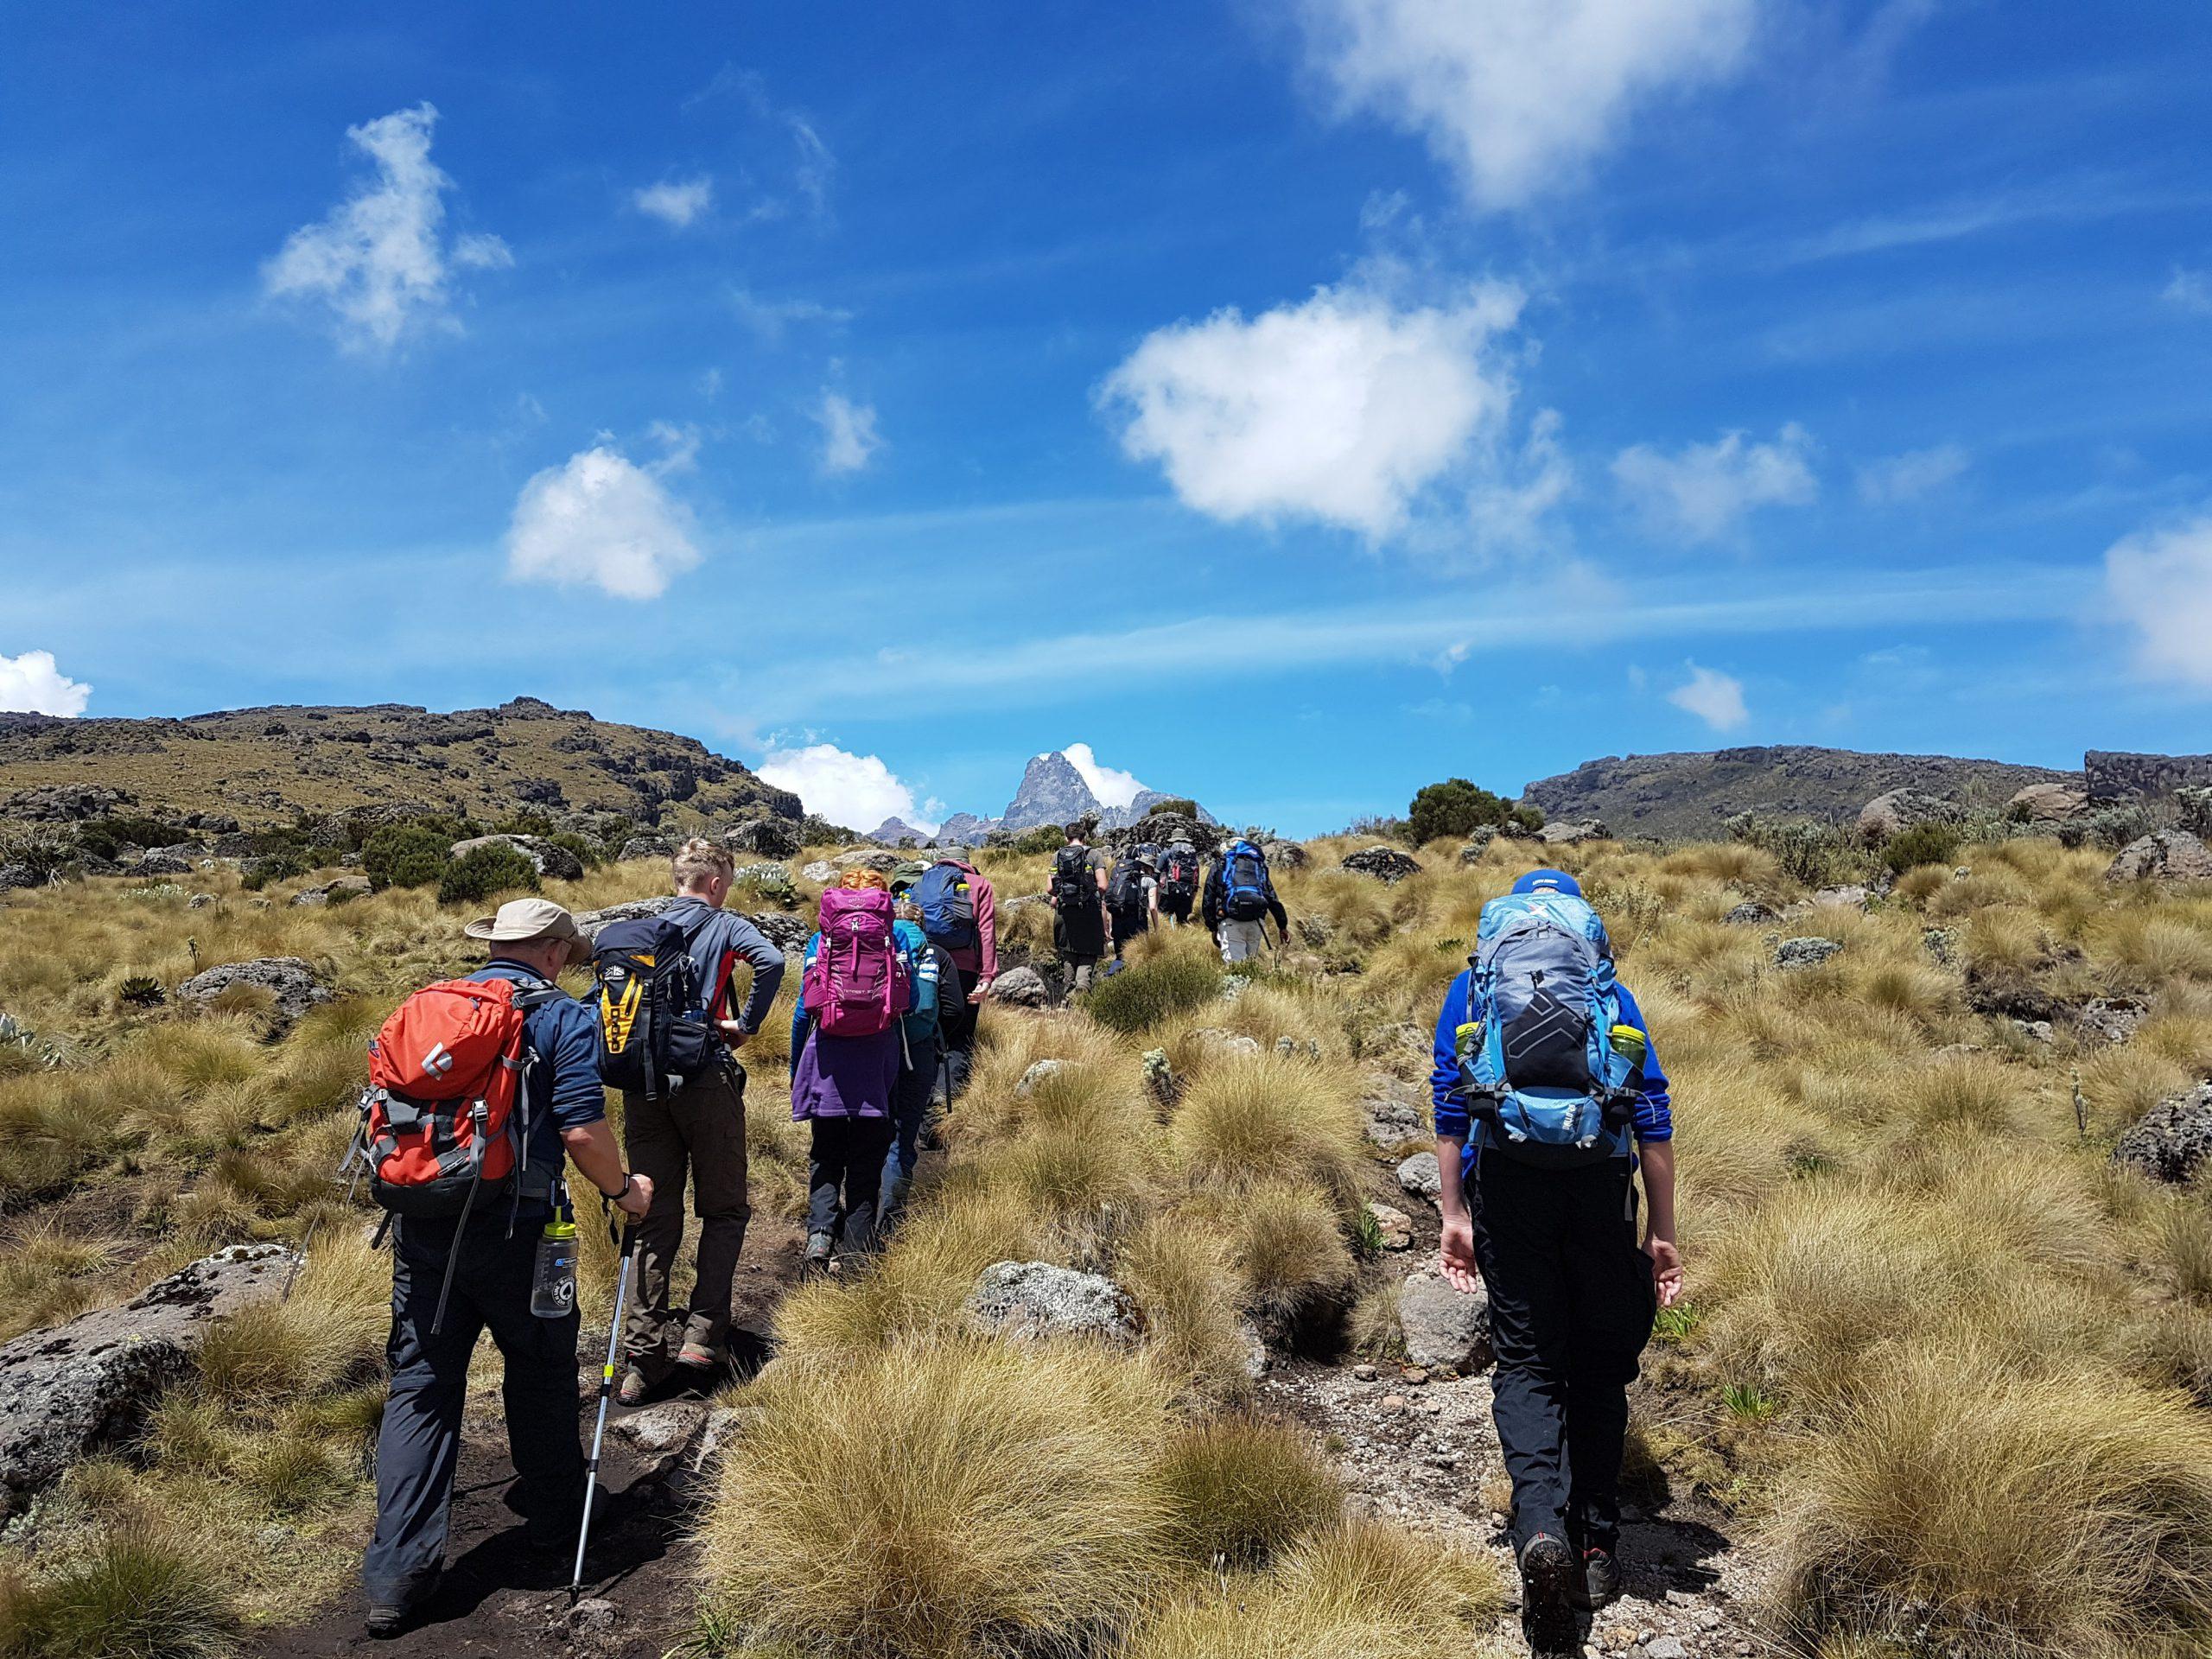 school_expedition_kenya_trek_climbing_hill